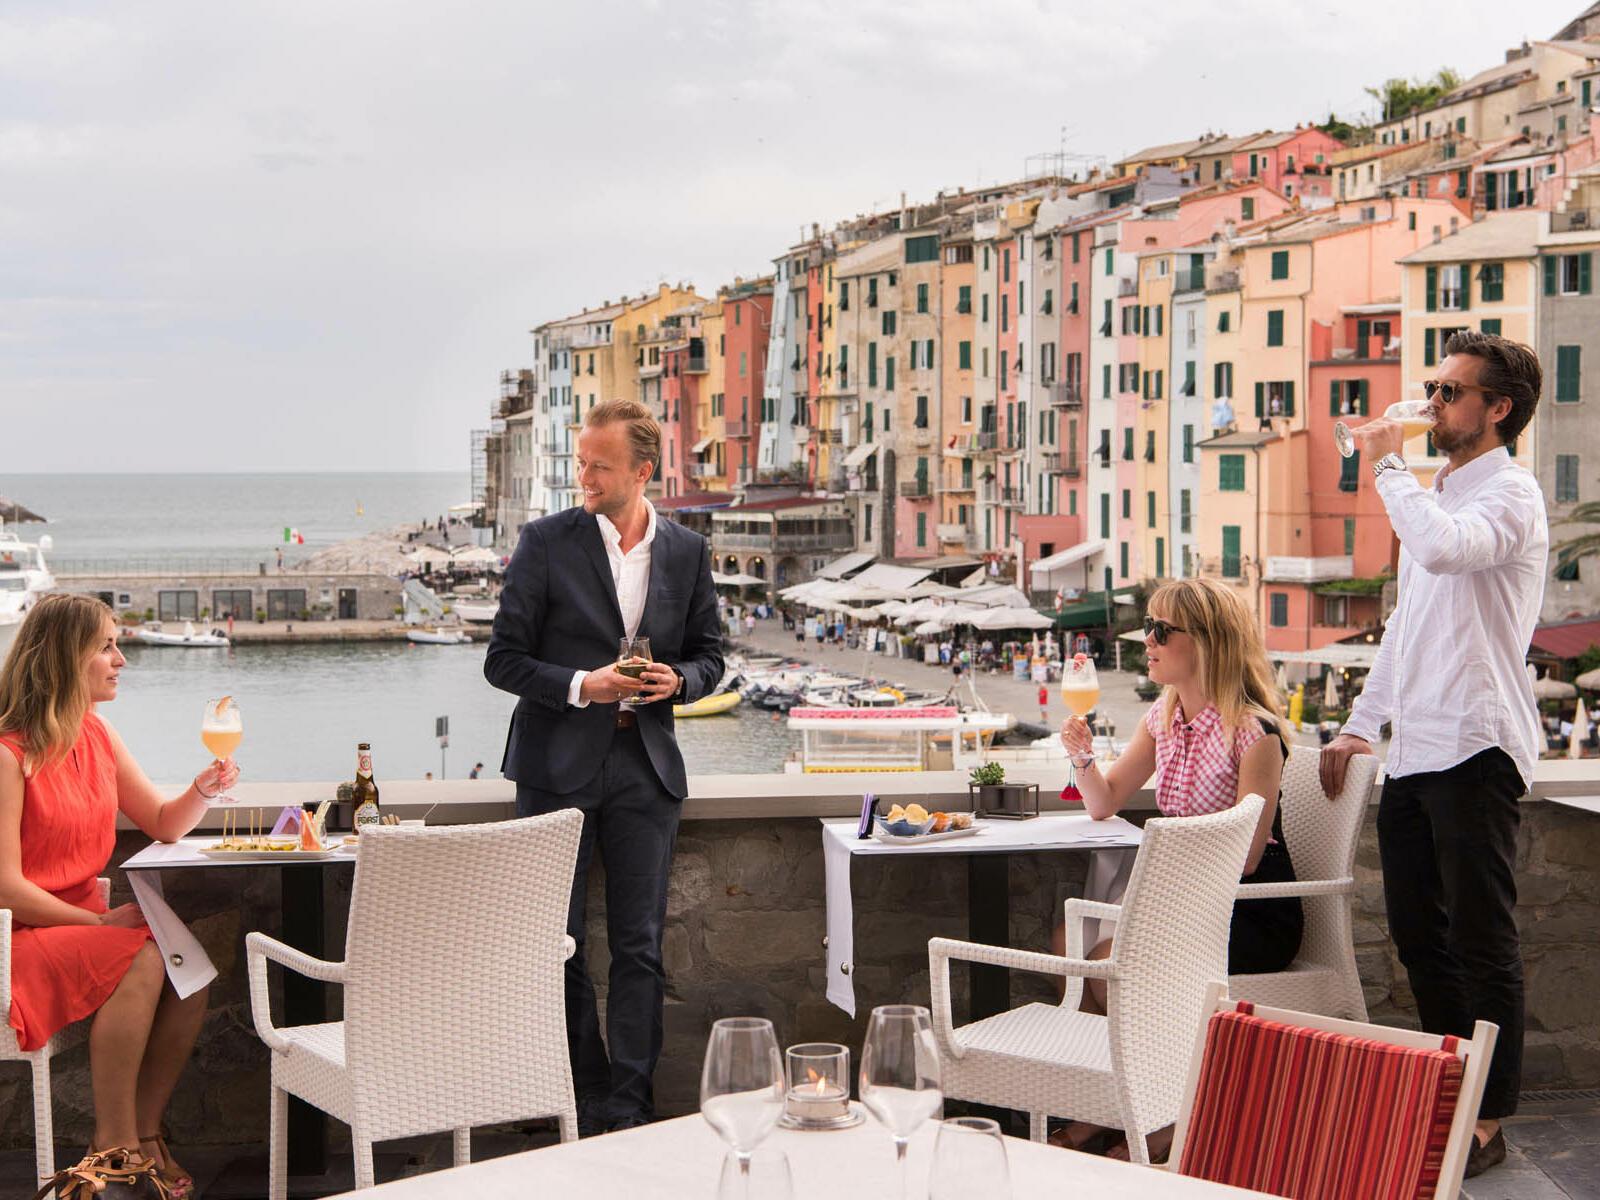 Party at balcony - Grand Hotel Portovenere